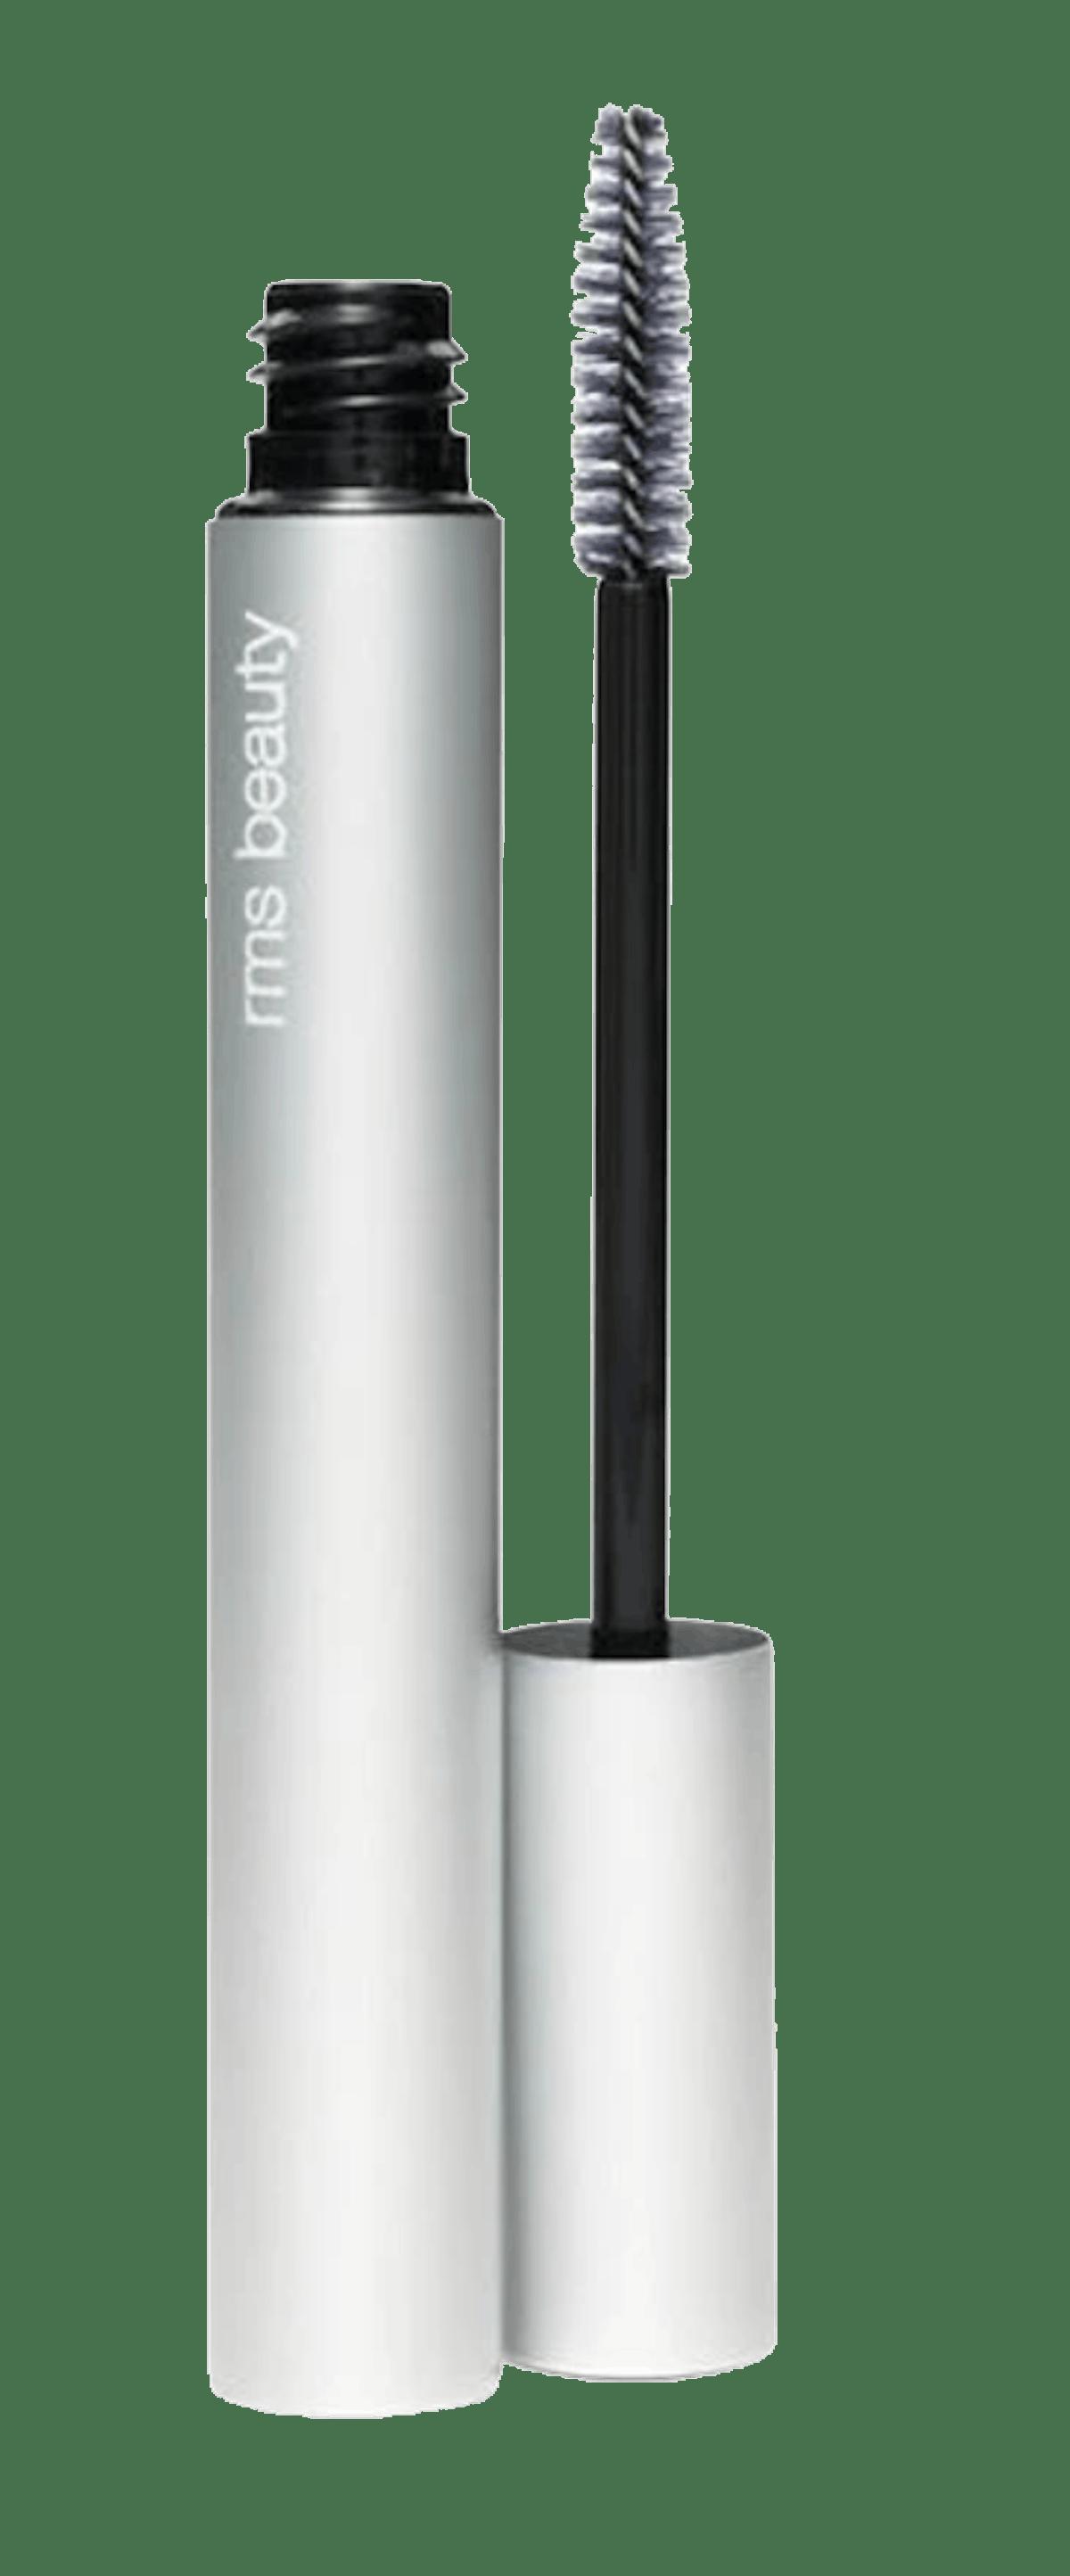 Straight Up Volumizing Peptide Mascara